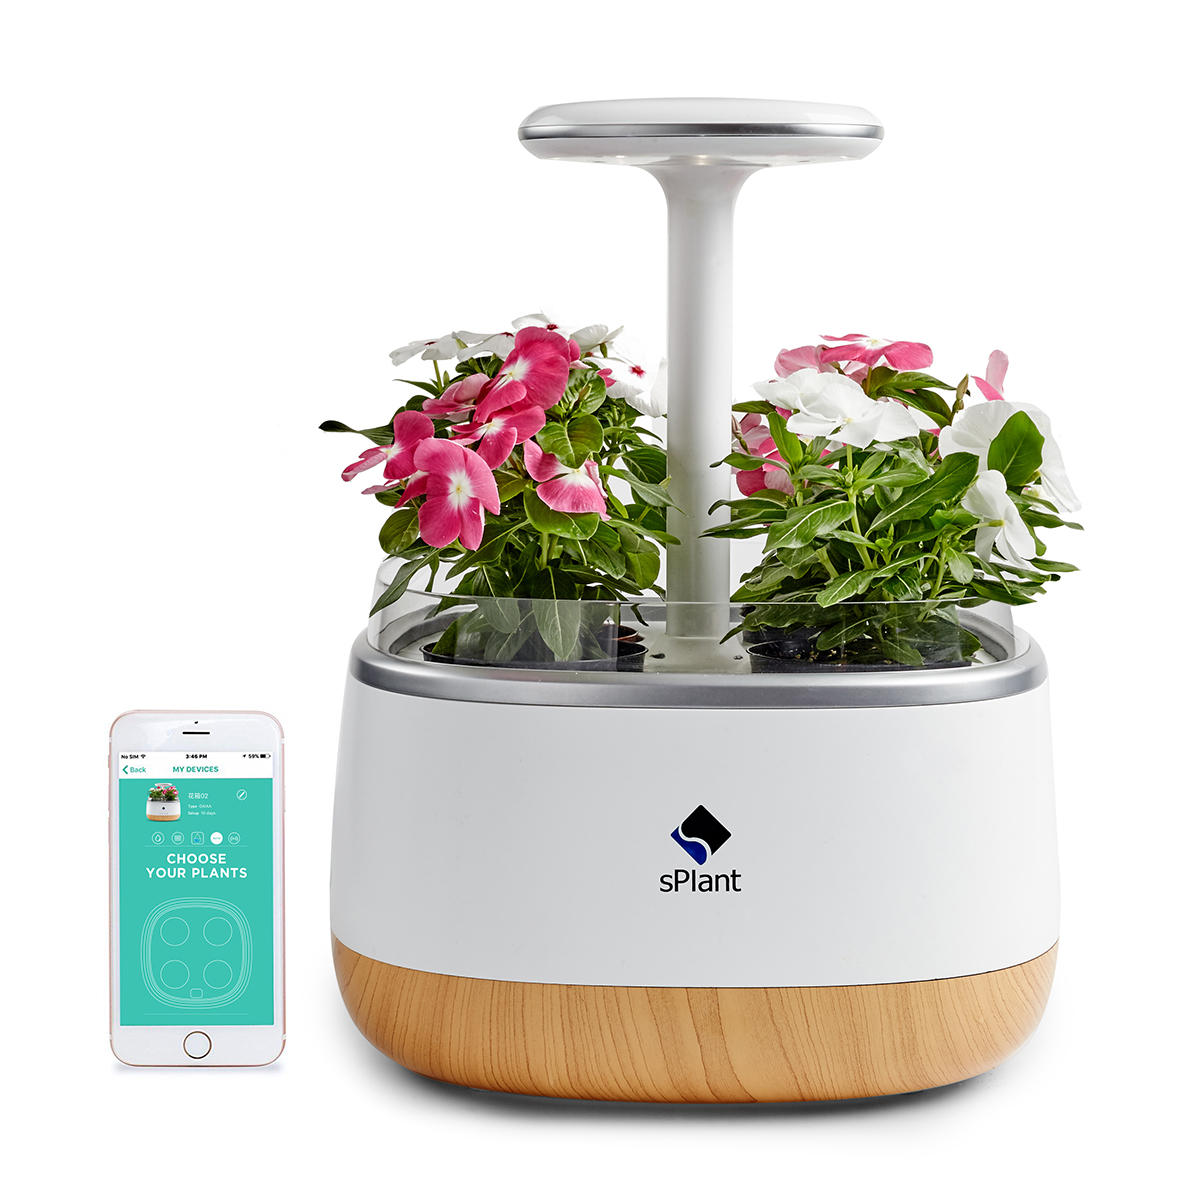 sPlant Smart Fresh Herb สวน ชุด อัจฉริยะ Sprout ในร่ม ไฟ LED สวน กระถางดอกไม้สี่ใบพร้อม App รีโมทคอนโทรล เทค